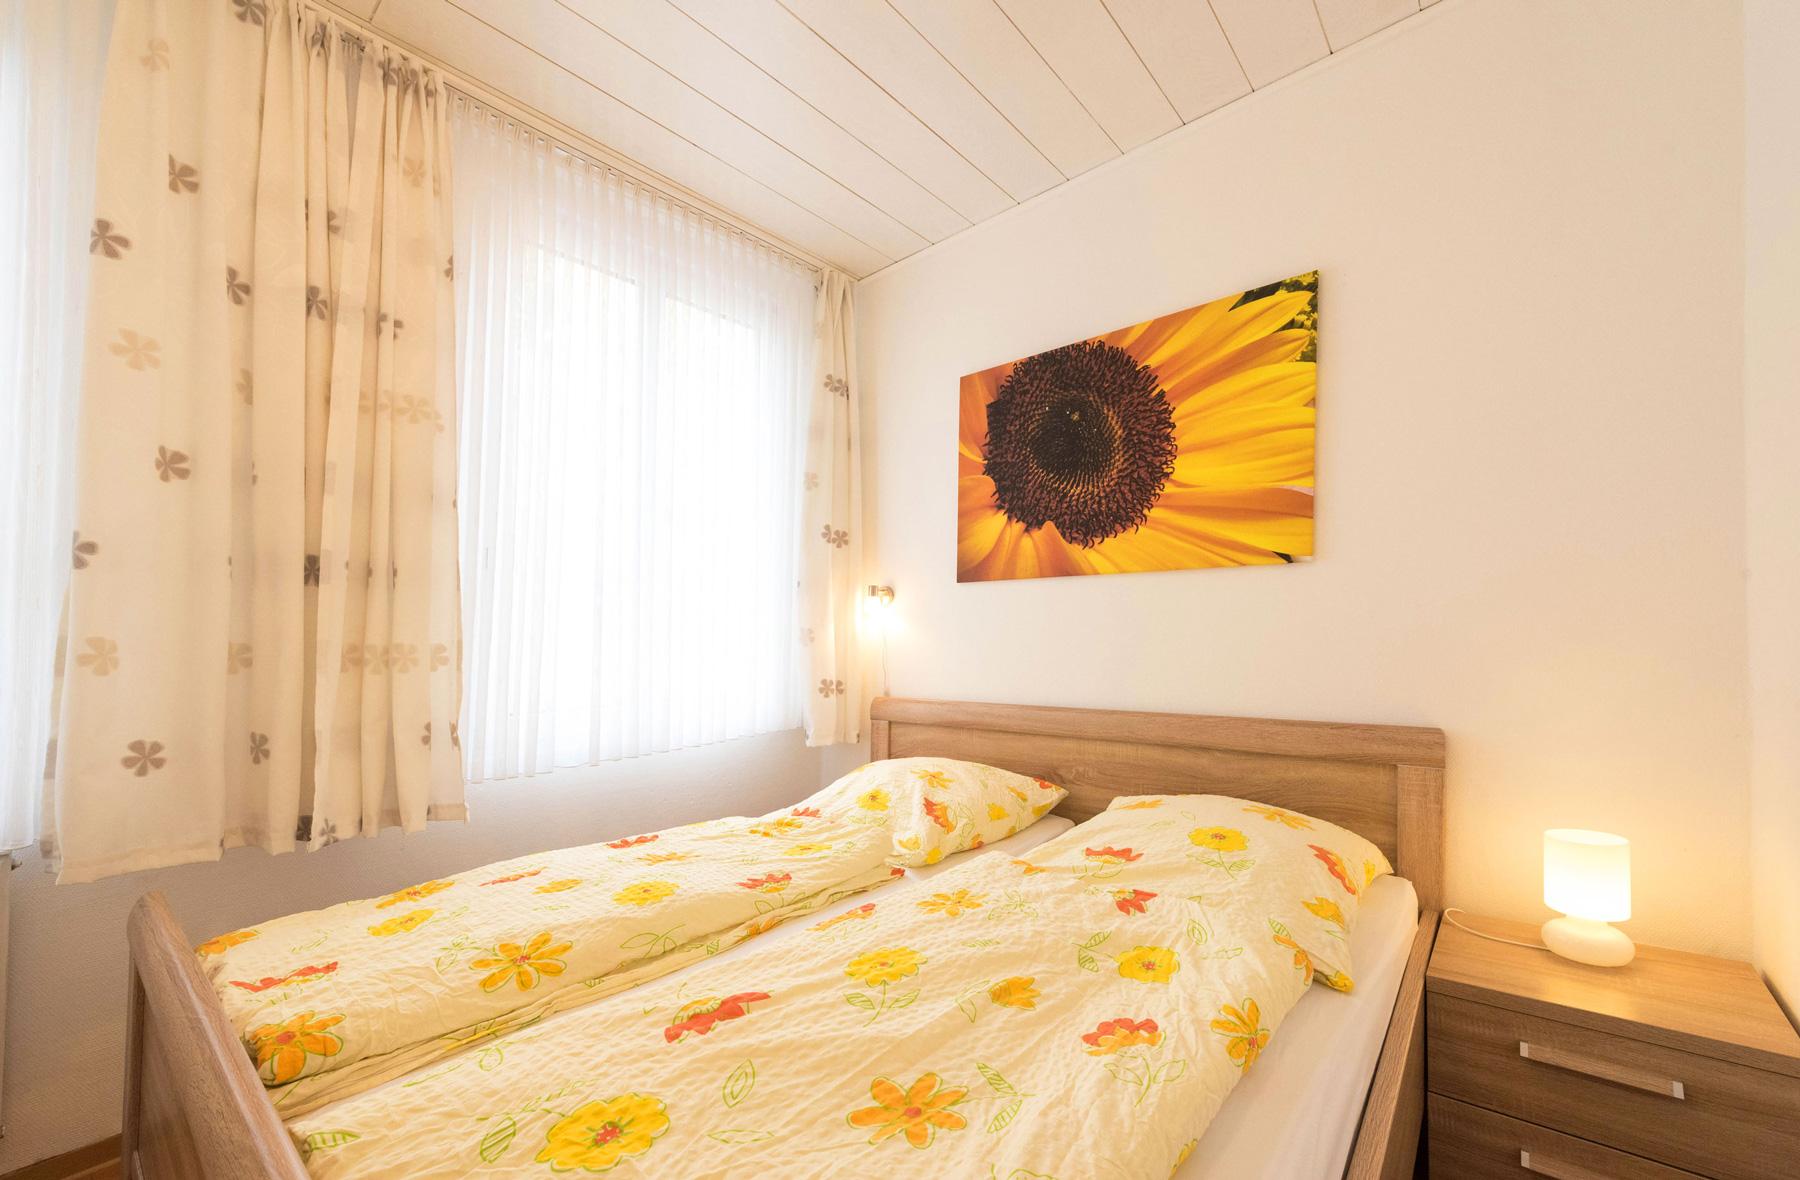 Ferienwohnung-Norderney-Albatros-Wohnung-1-Schlafzimmer-2 ...